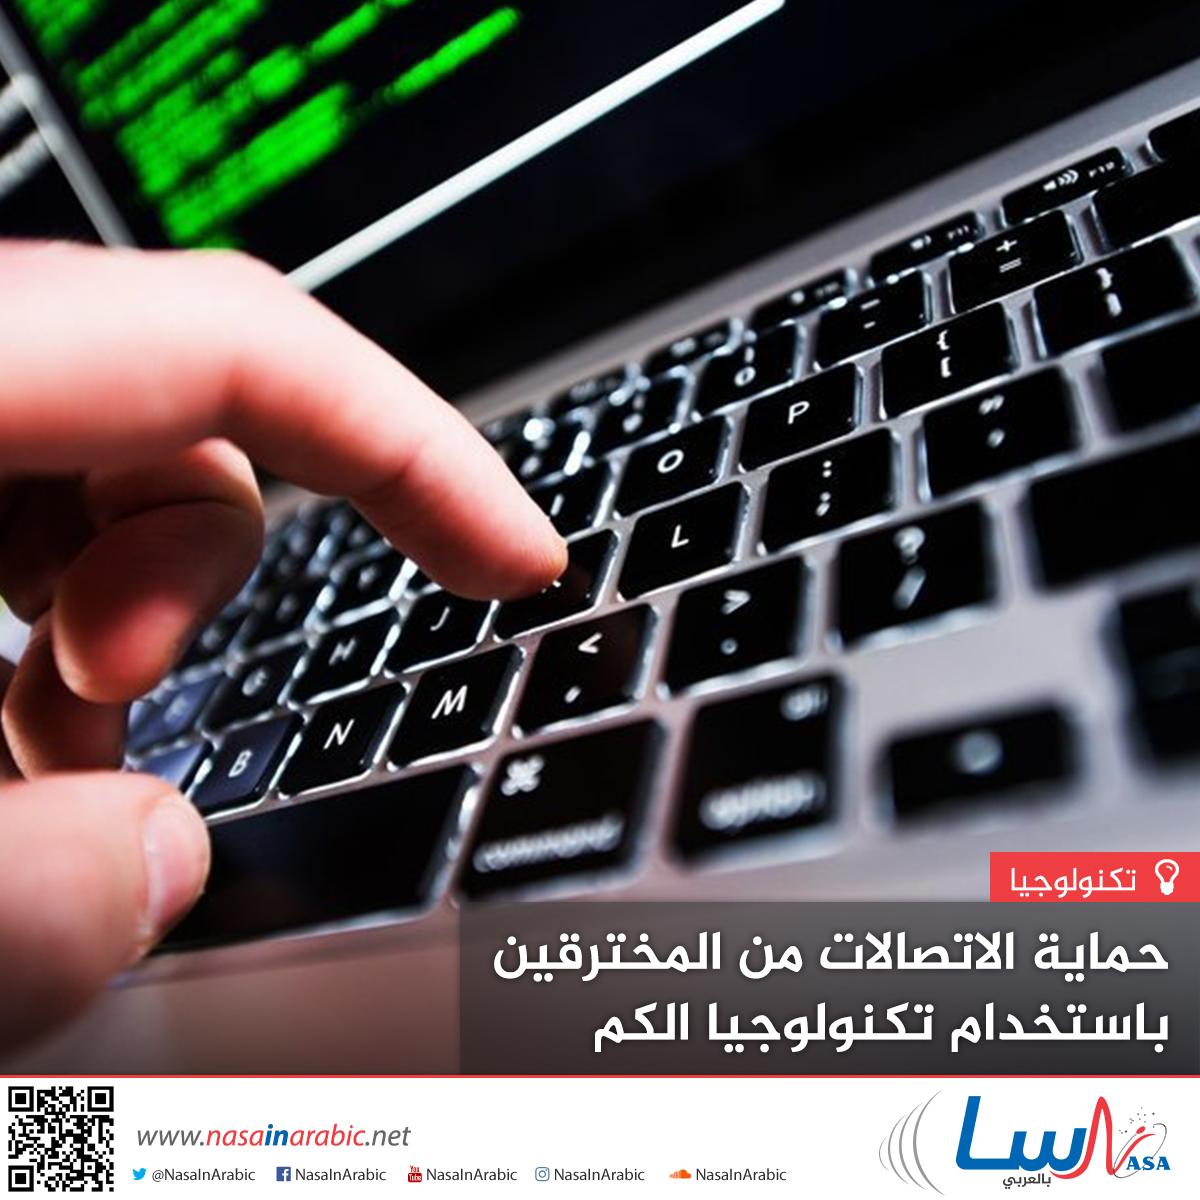 حماية الاتصالات من المخترقين باستخدام تكنولوجيا الكم